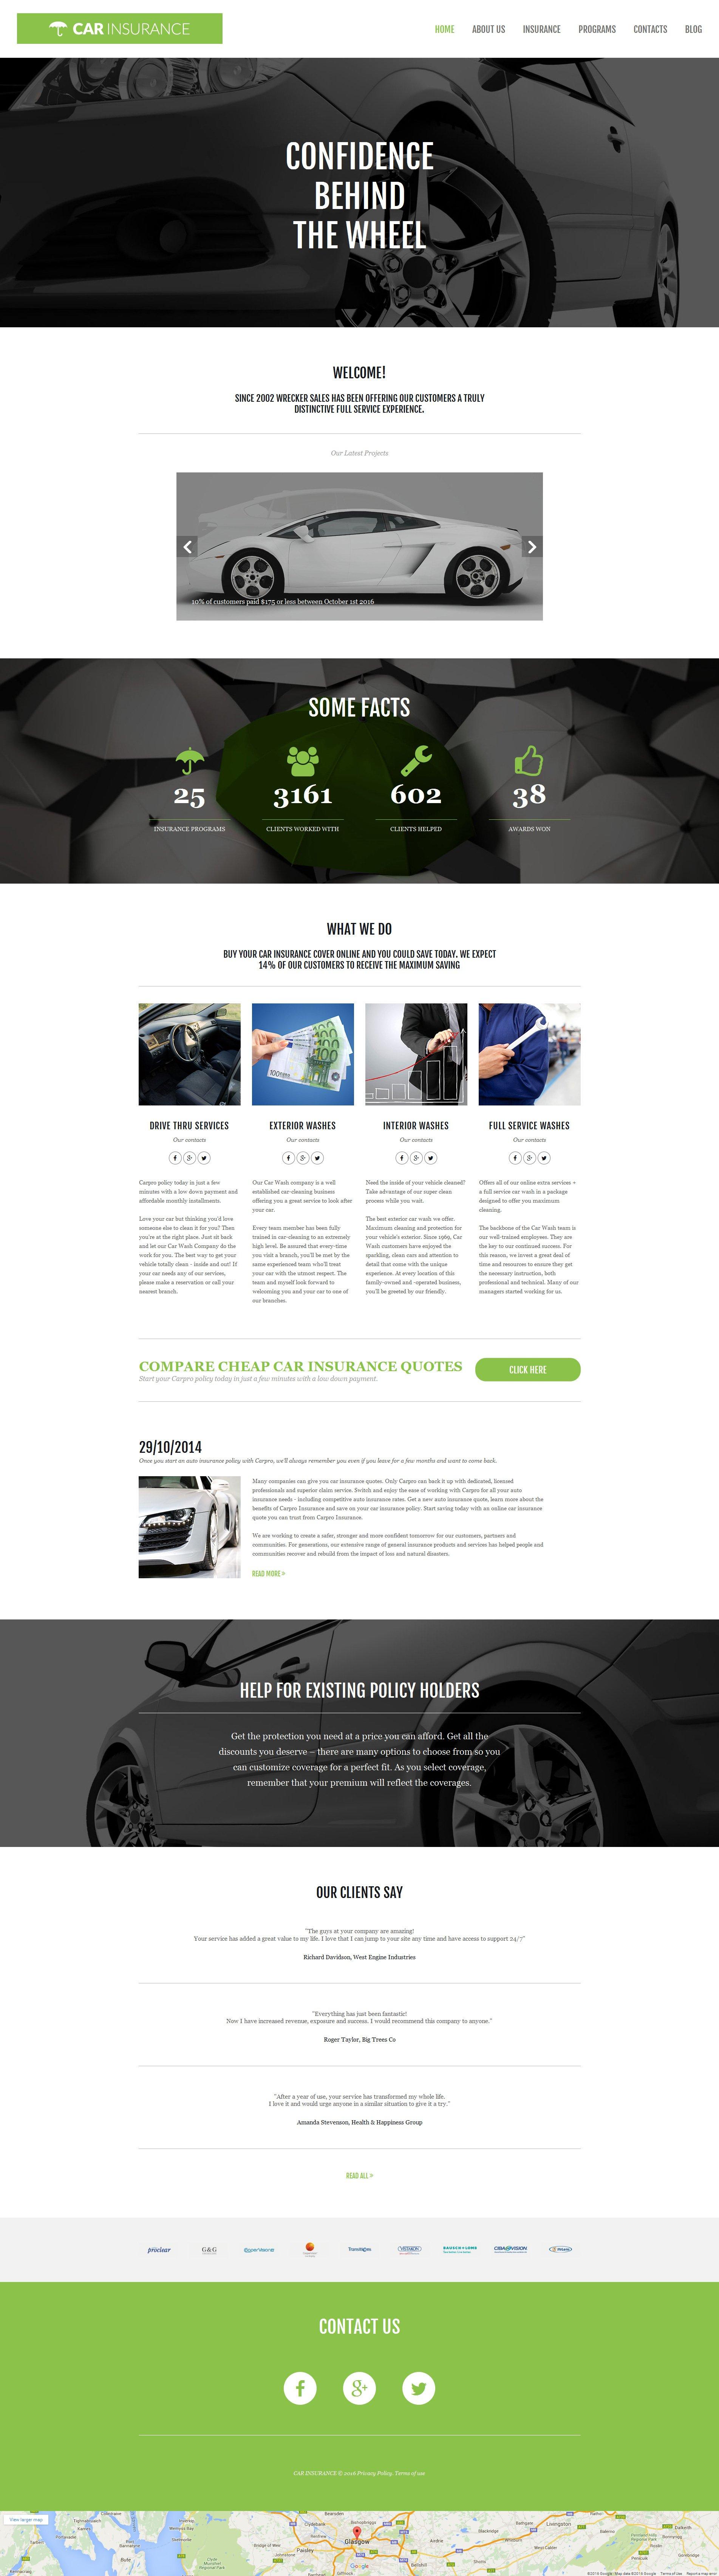 Templates Moto CMS 3 Flexível para Sites de Seguro de Carros №58681